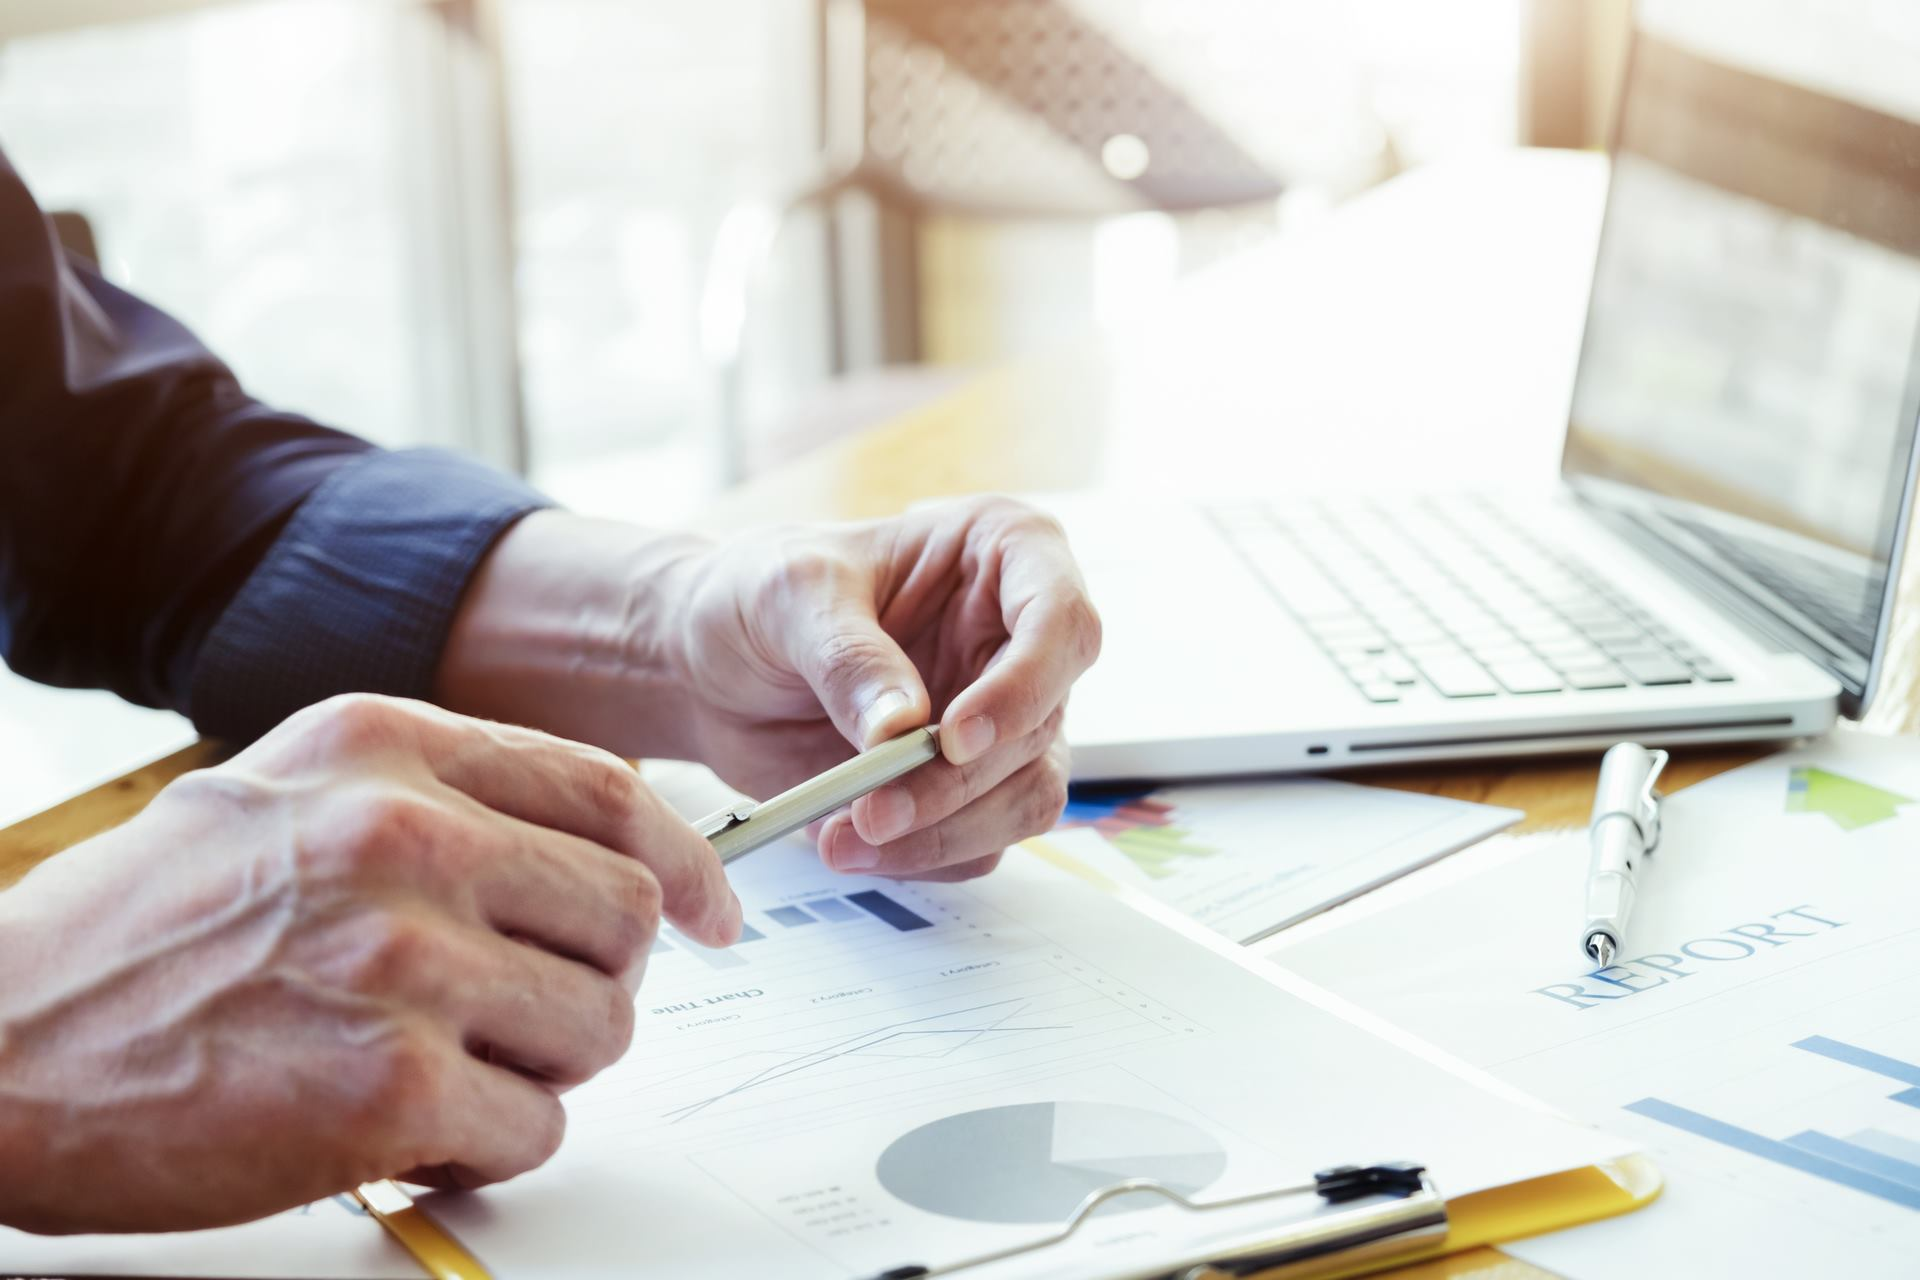 Komplexe Strategien mit Optionen & Futures im Portfoliomanagement für Fortgeschrittene